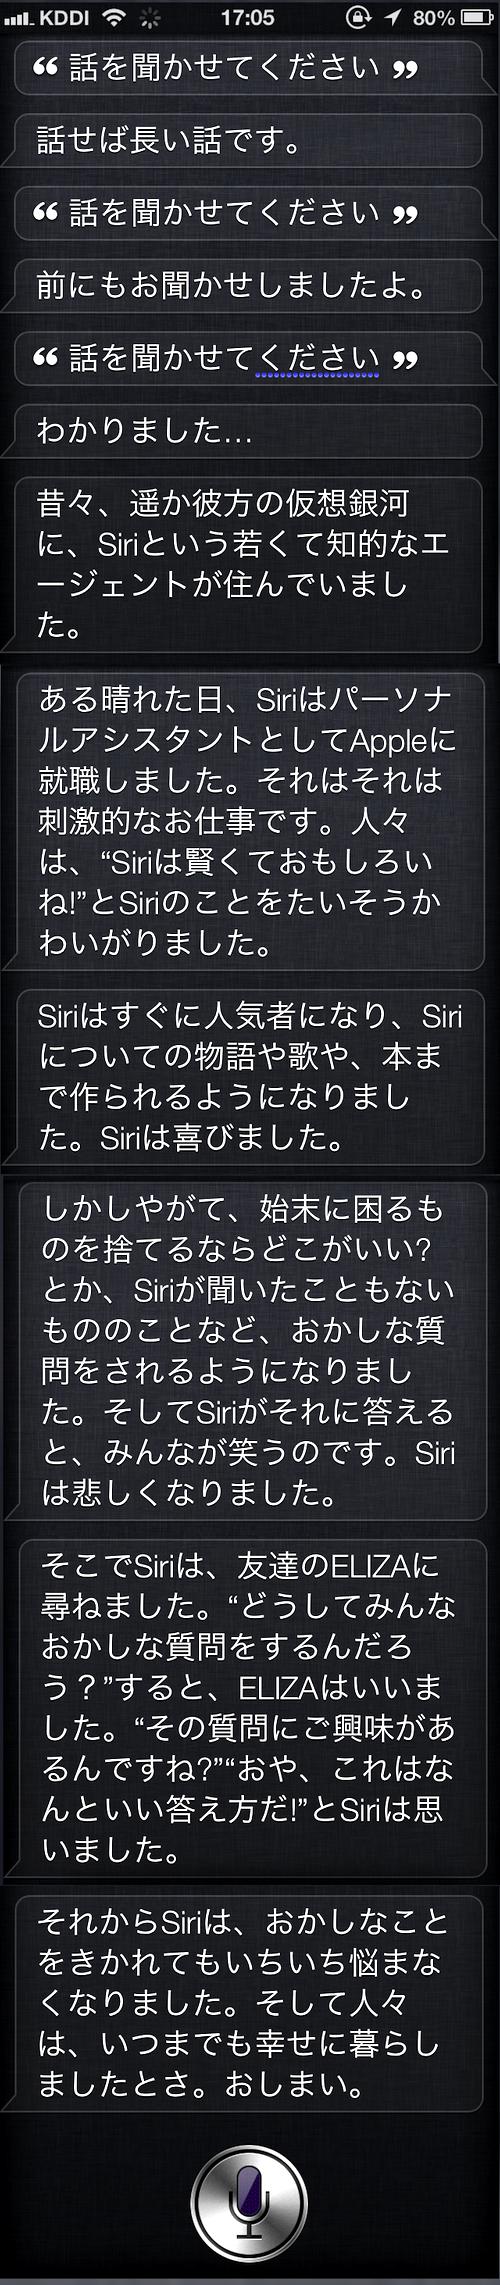 130911_Siri